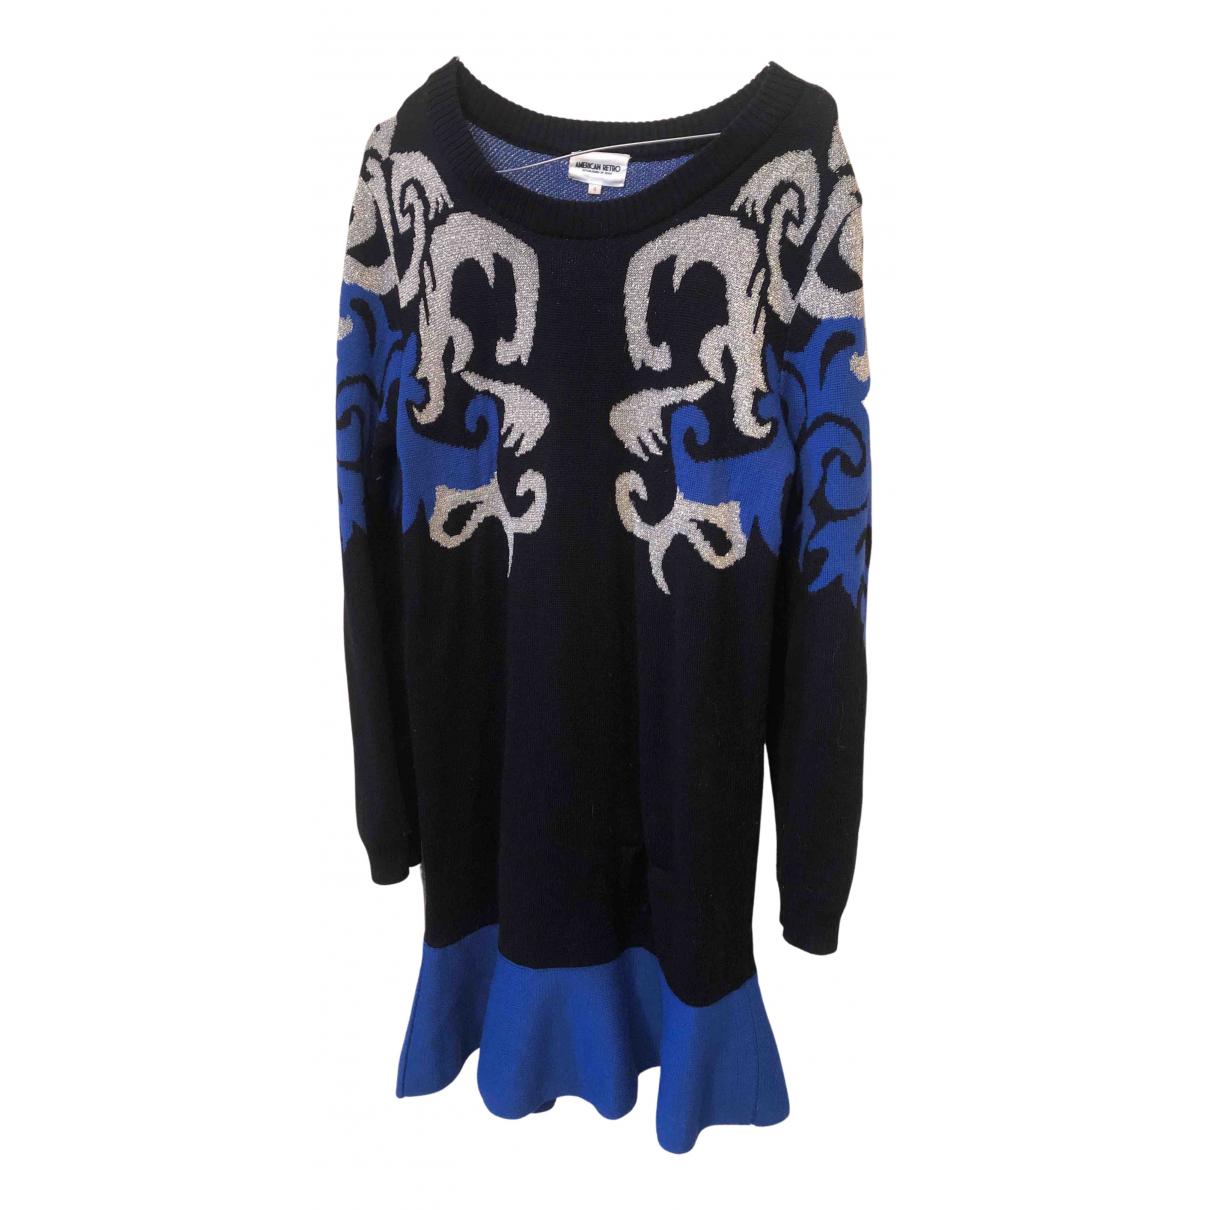 American Retro \N Kleid in  Schwarz Wolle